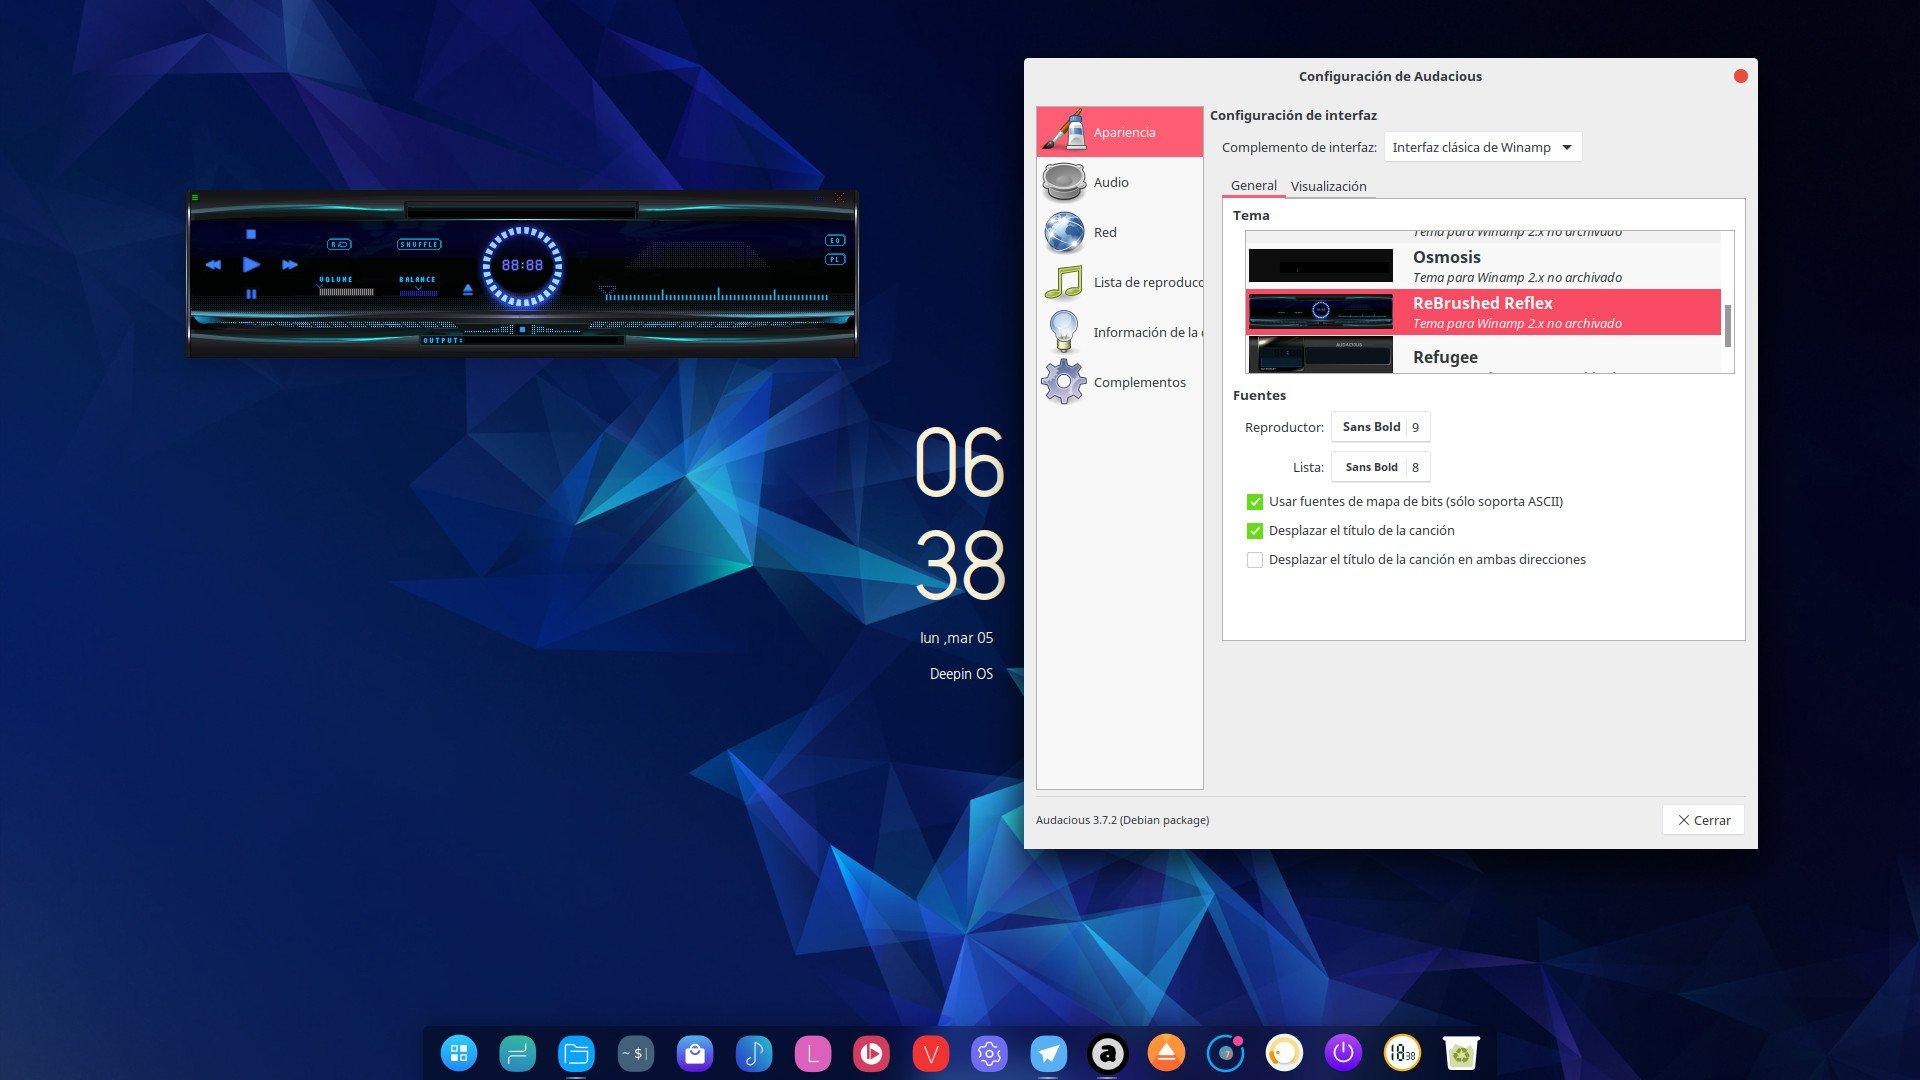 DeepinScreenshot 20180305183840